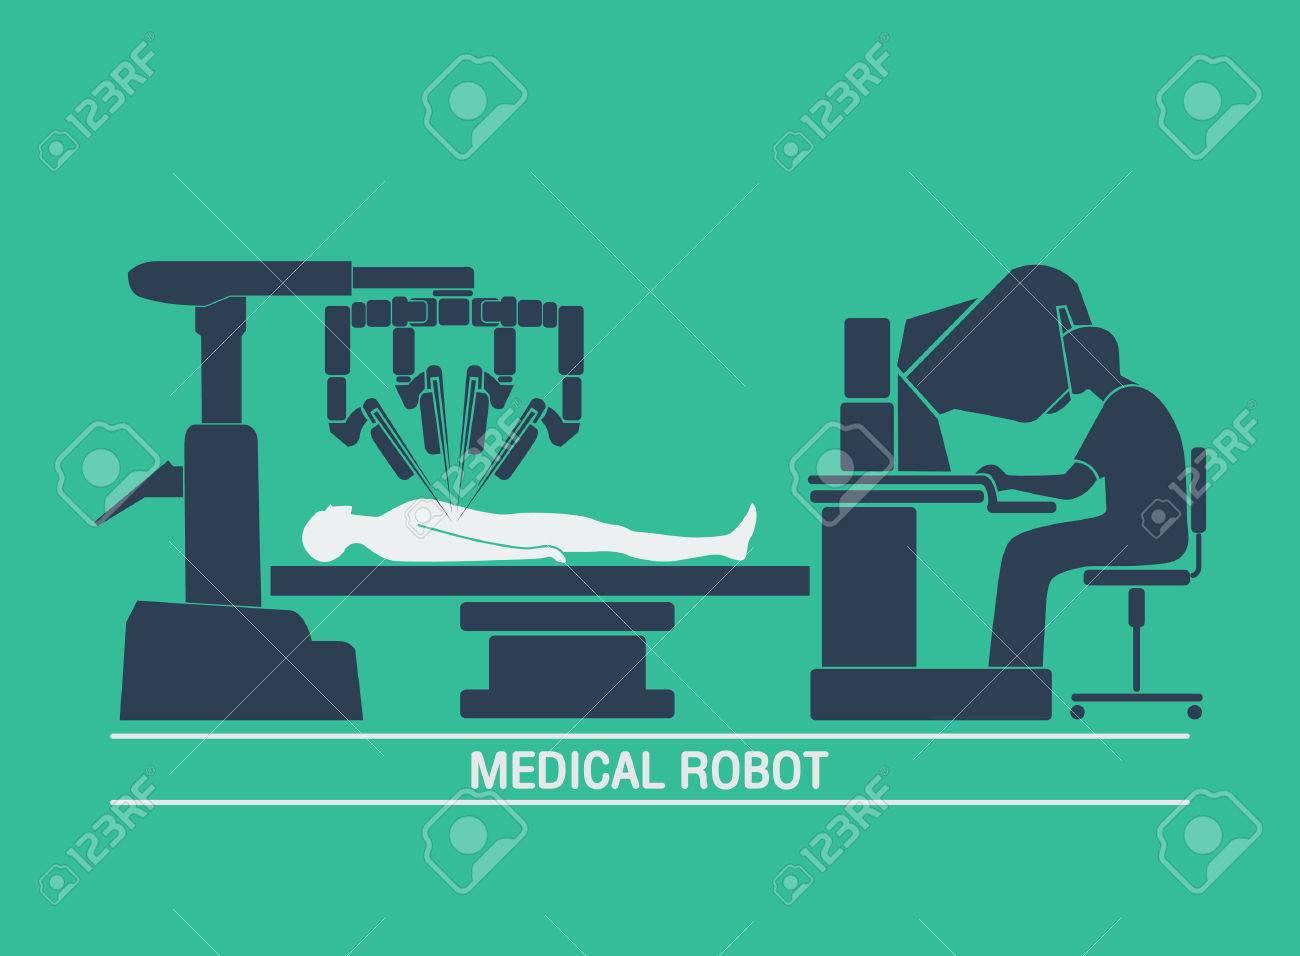 medical robot icon vector - 69245456